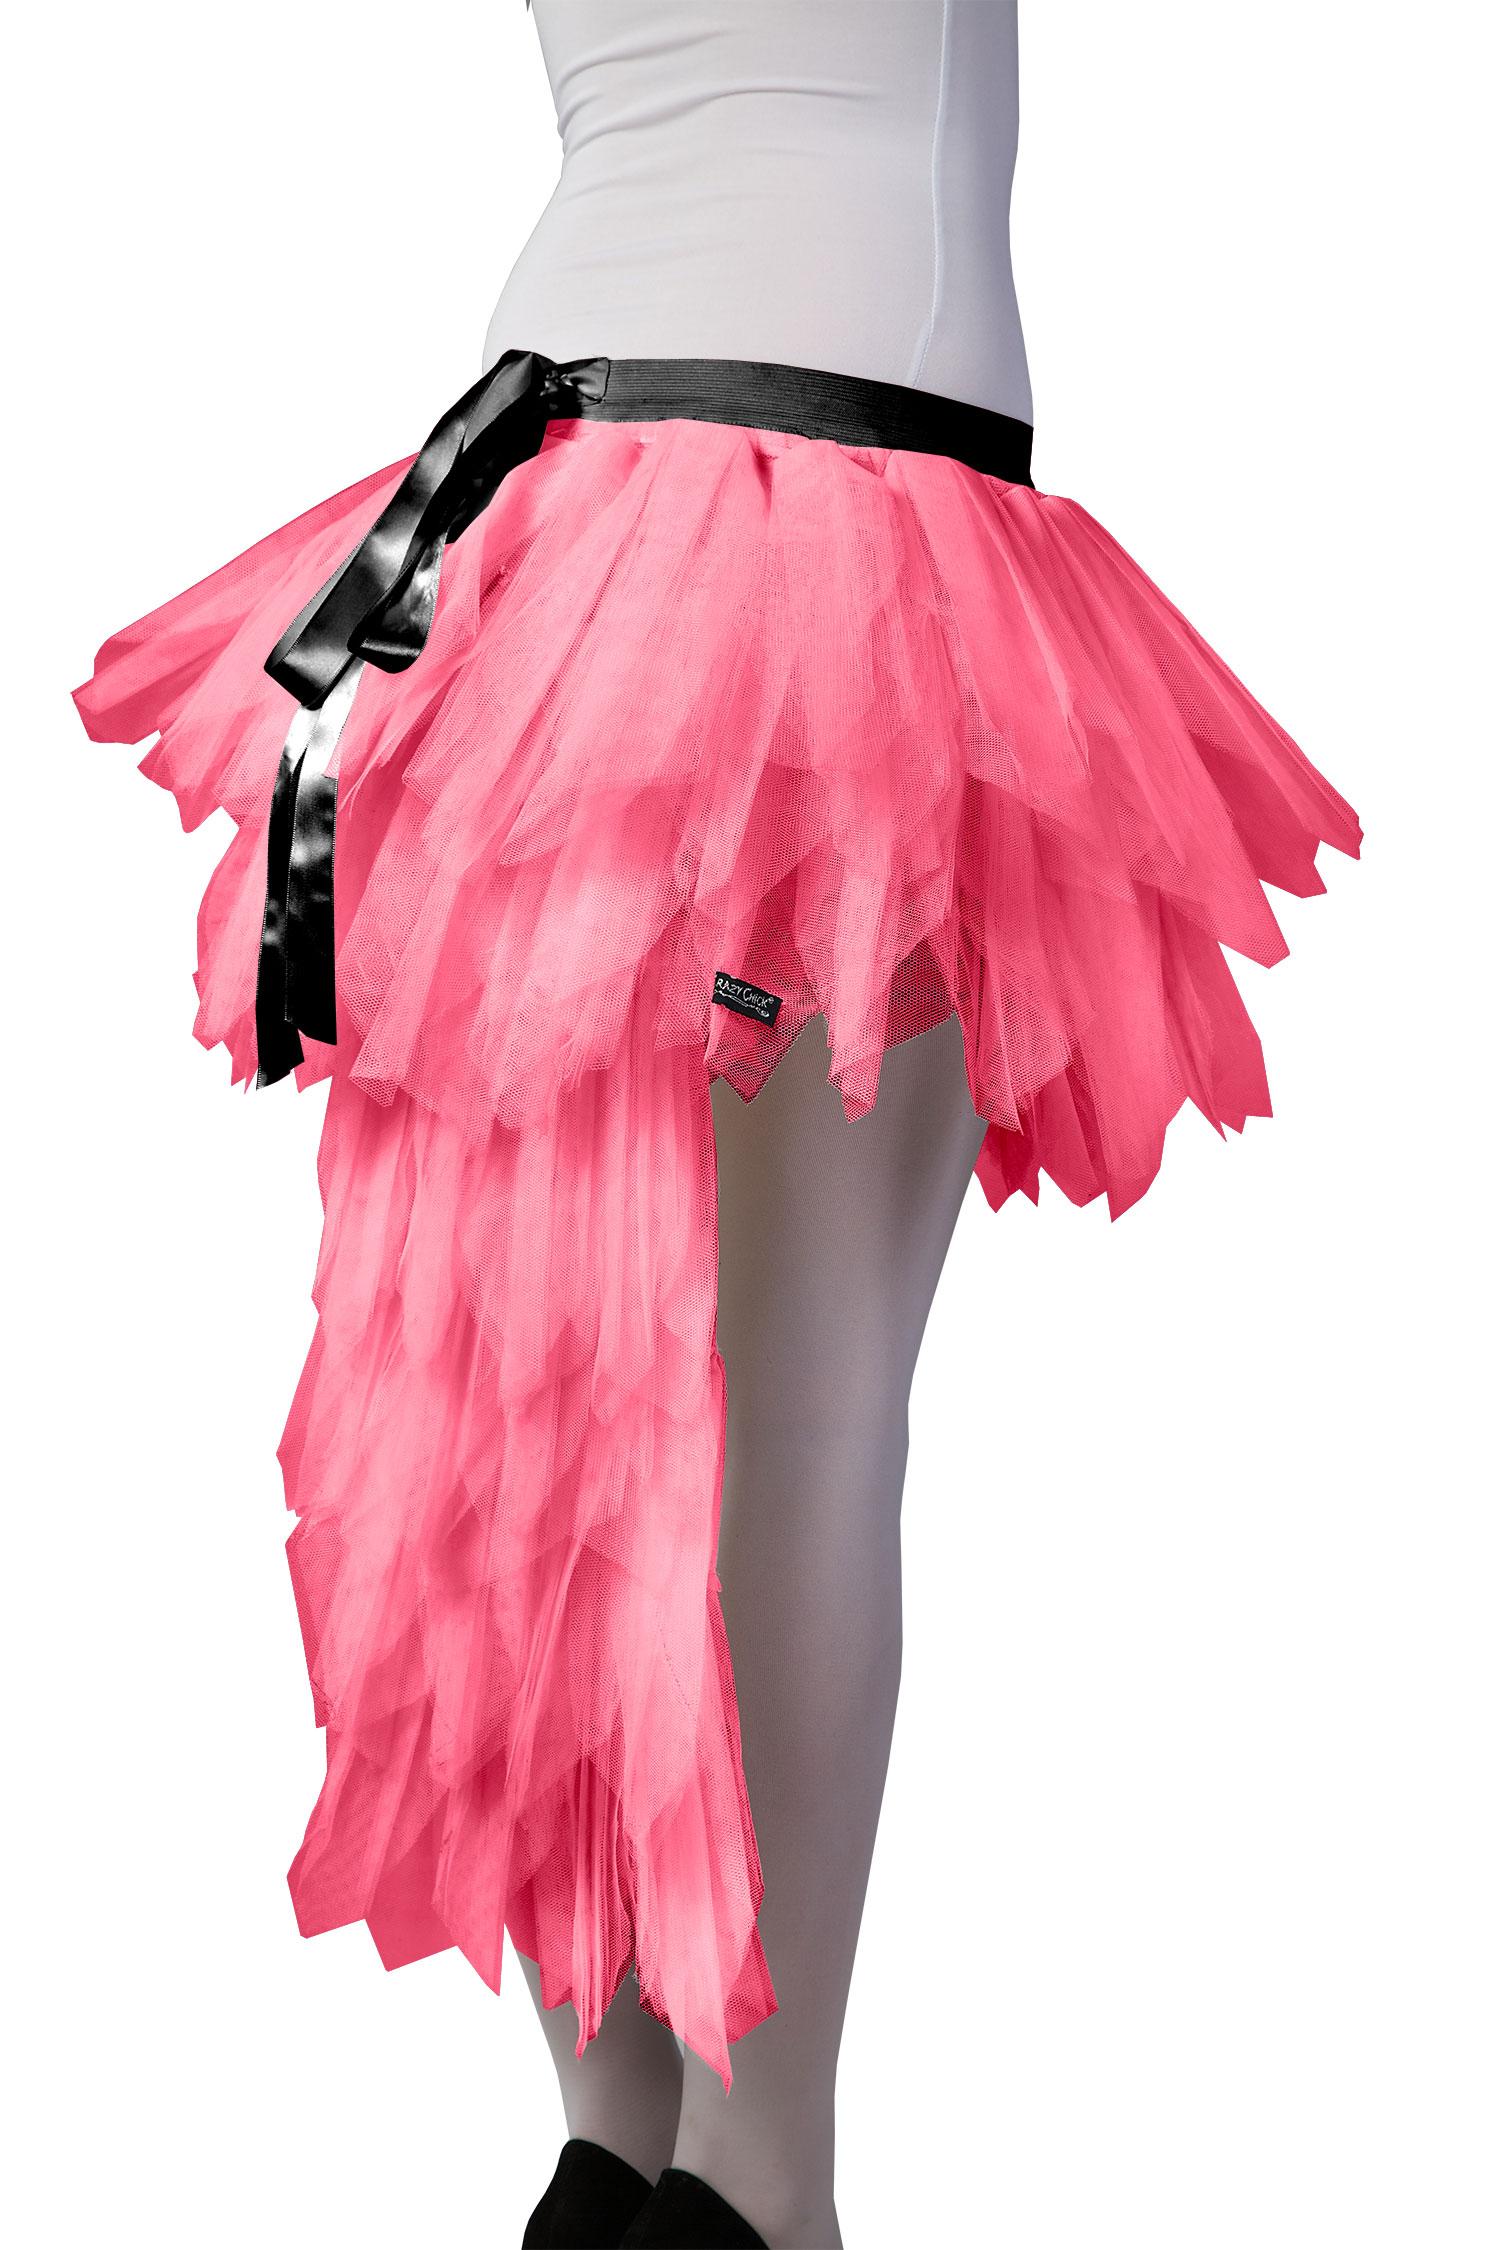 Crazy Chick Pink Long Tail Burlesque TuTu Skirt